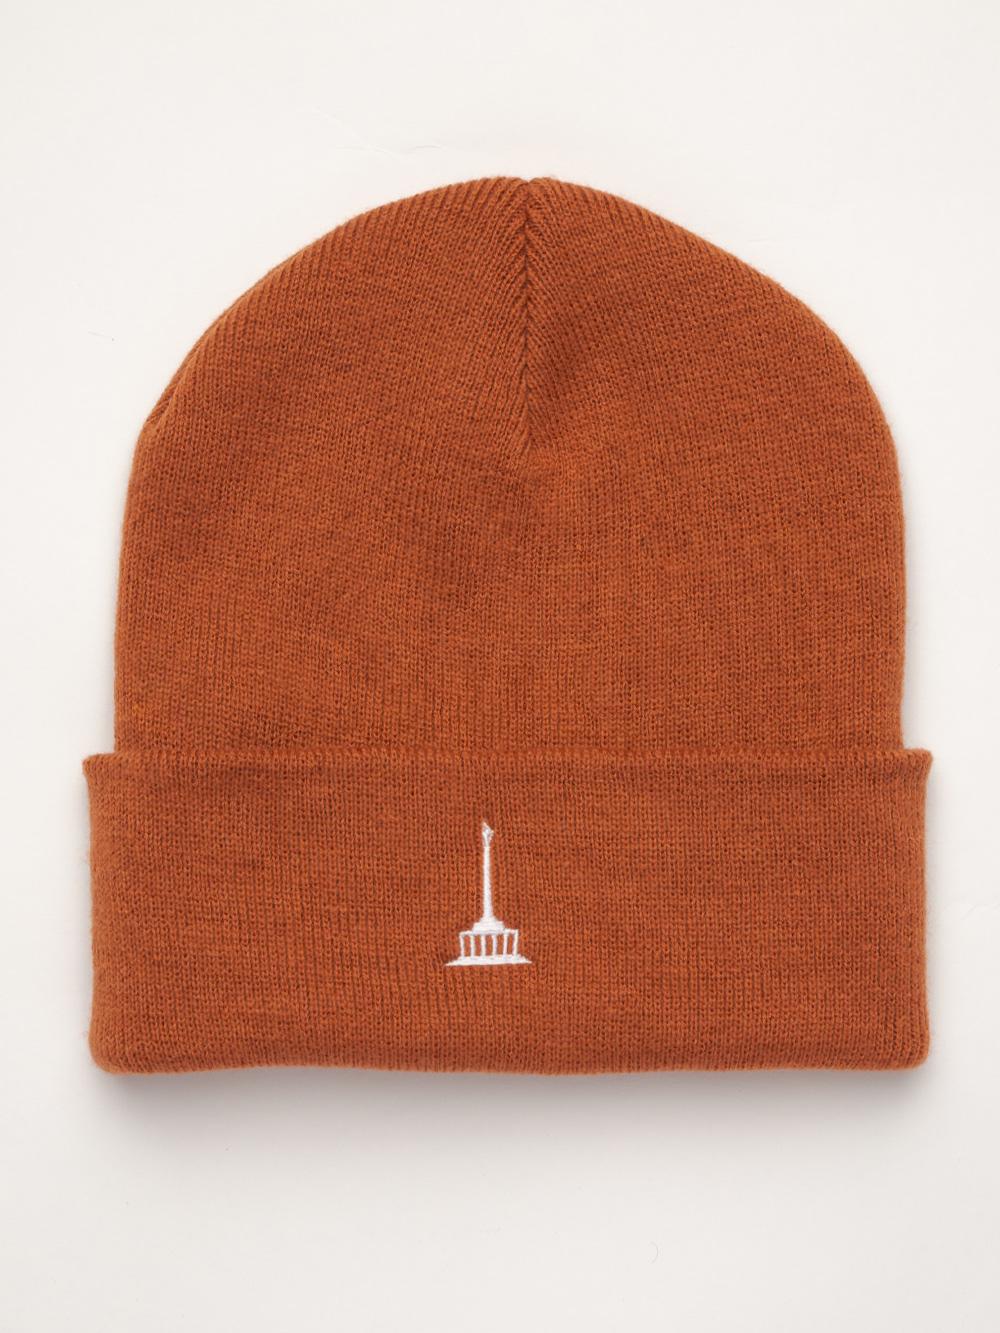 Unisex, Orange Rust